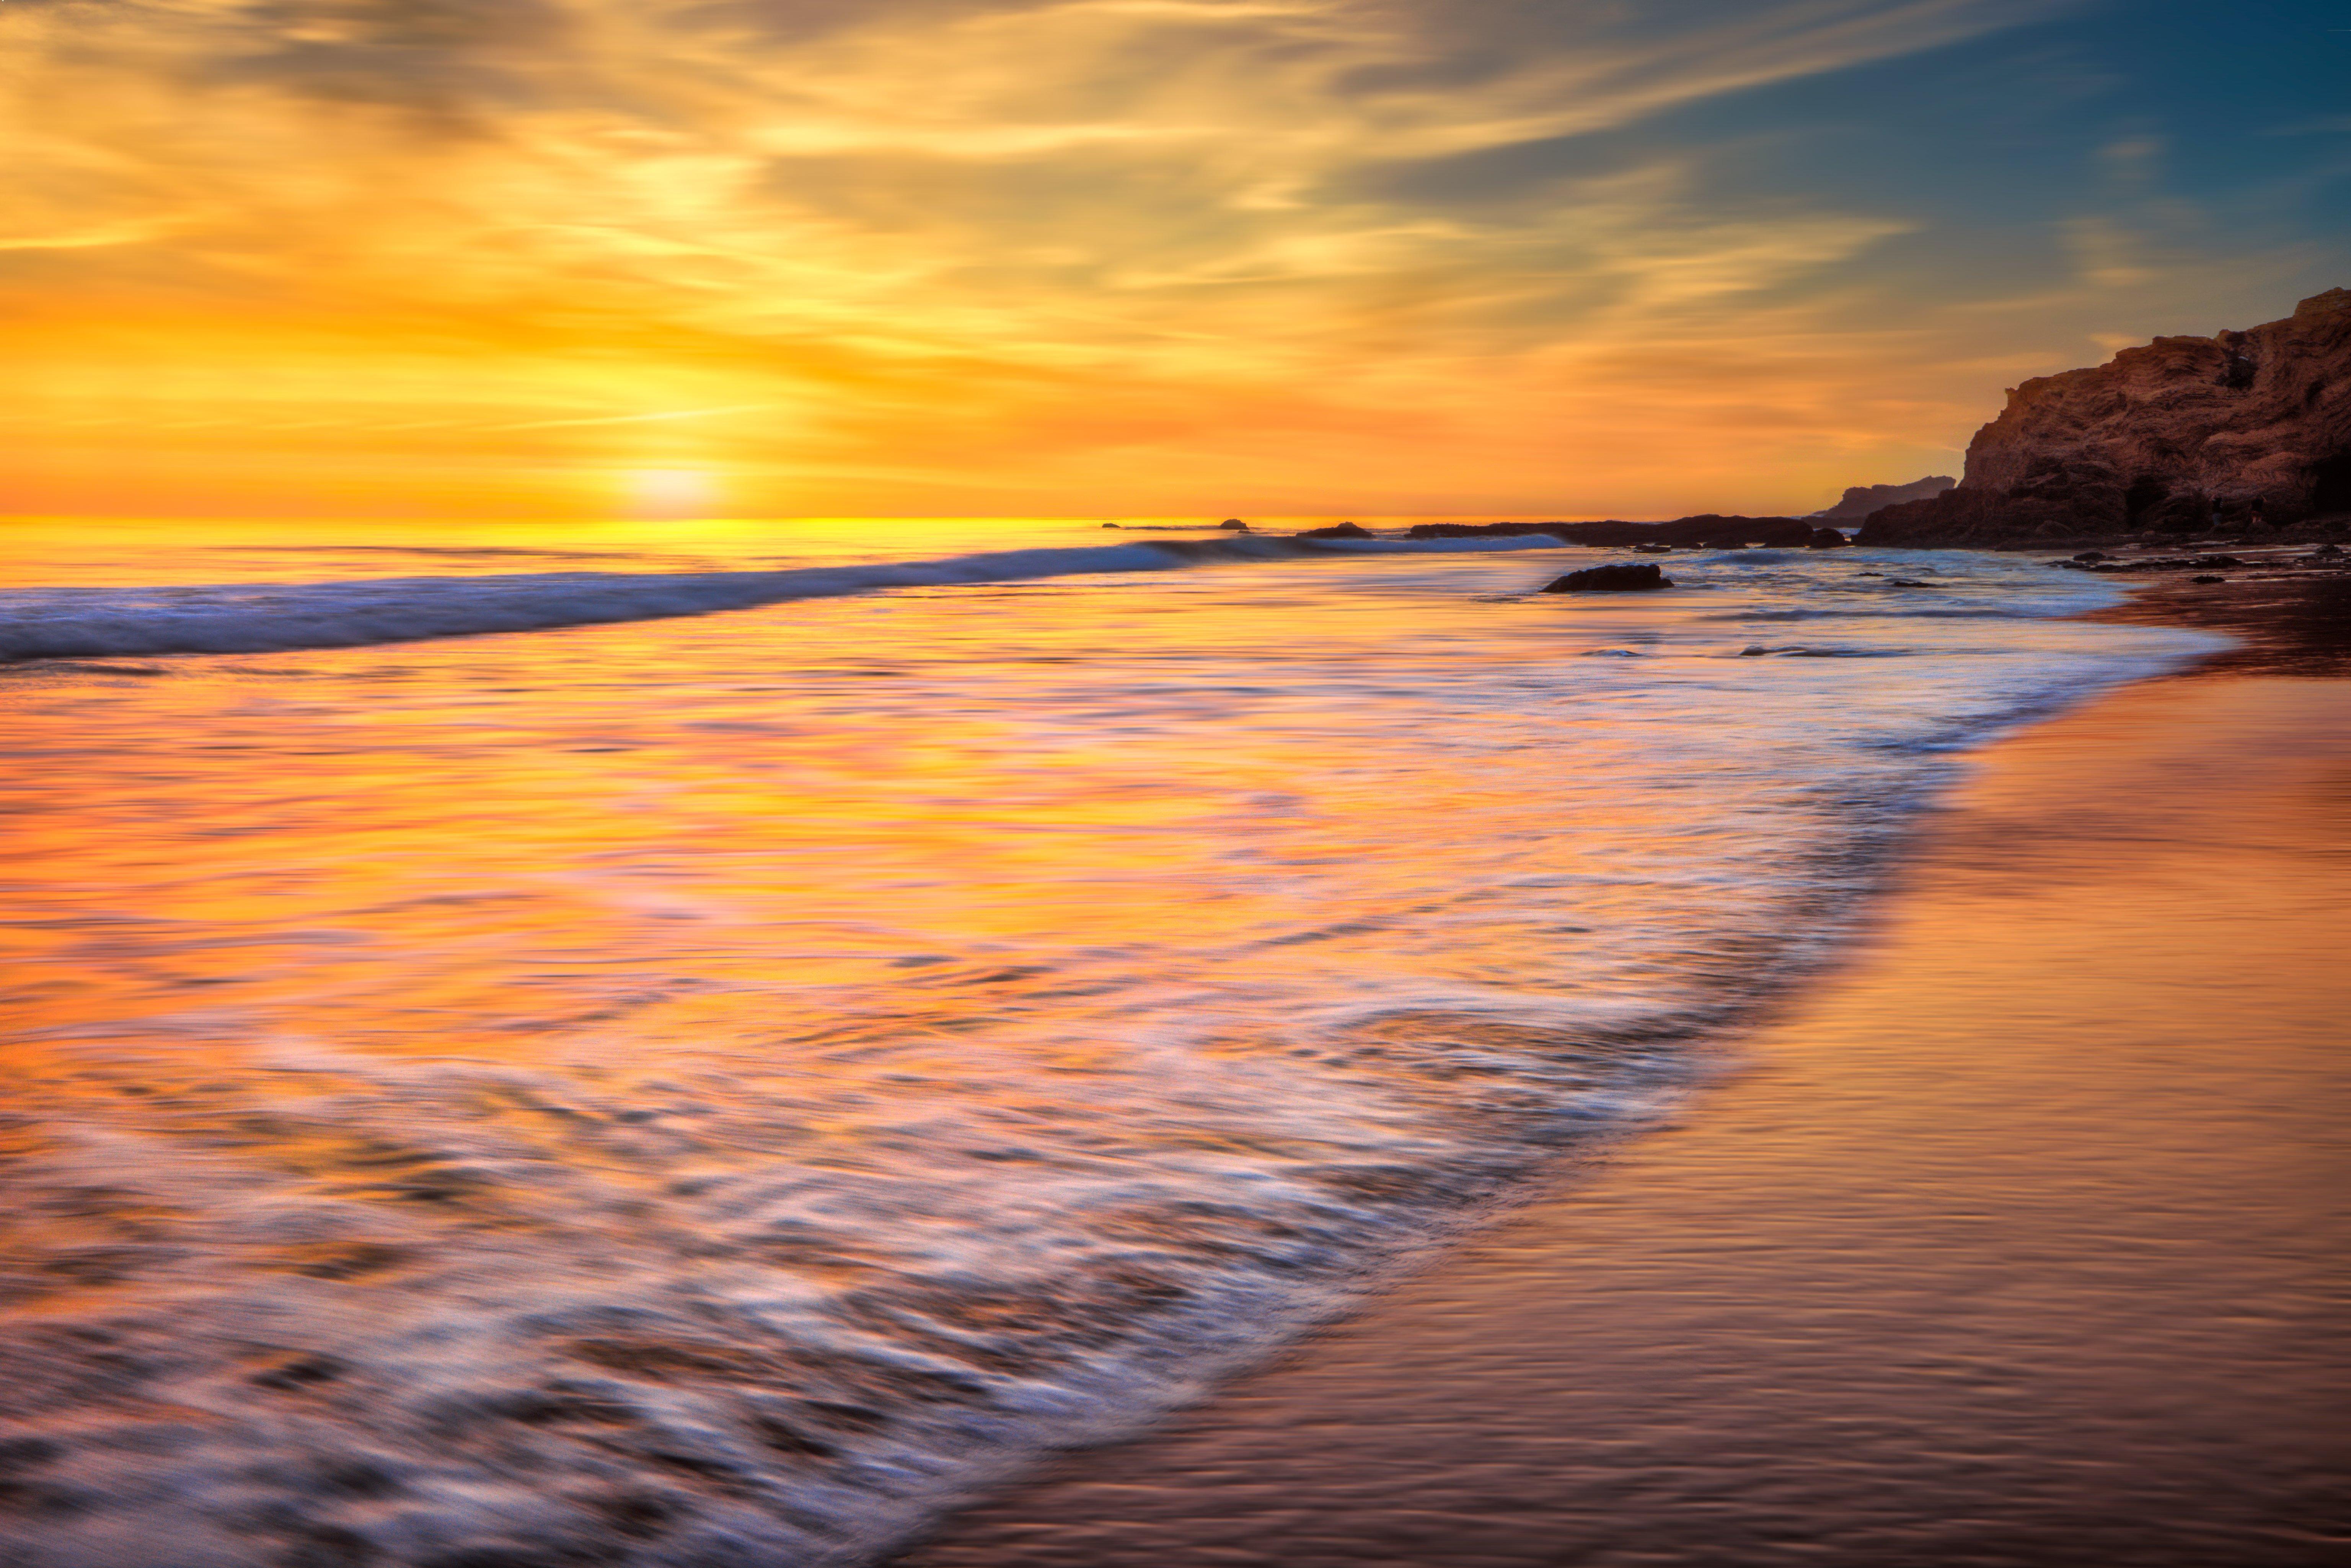 Fondos de pantalla El oceano de California al atardecer